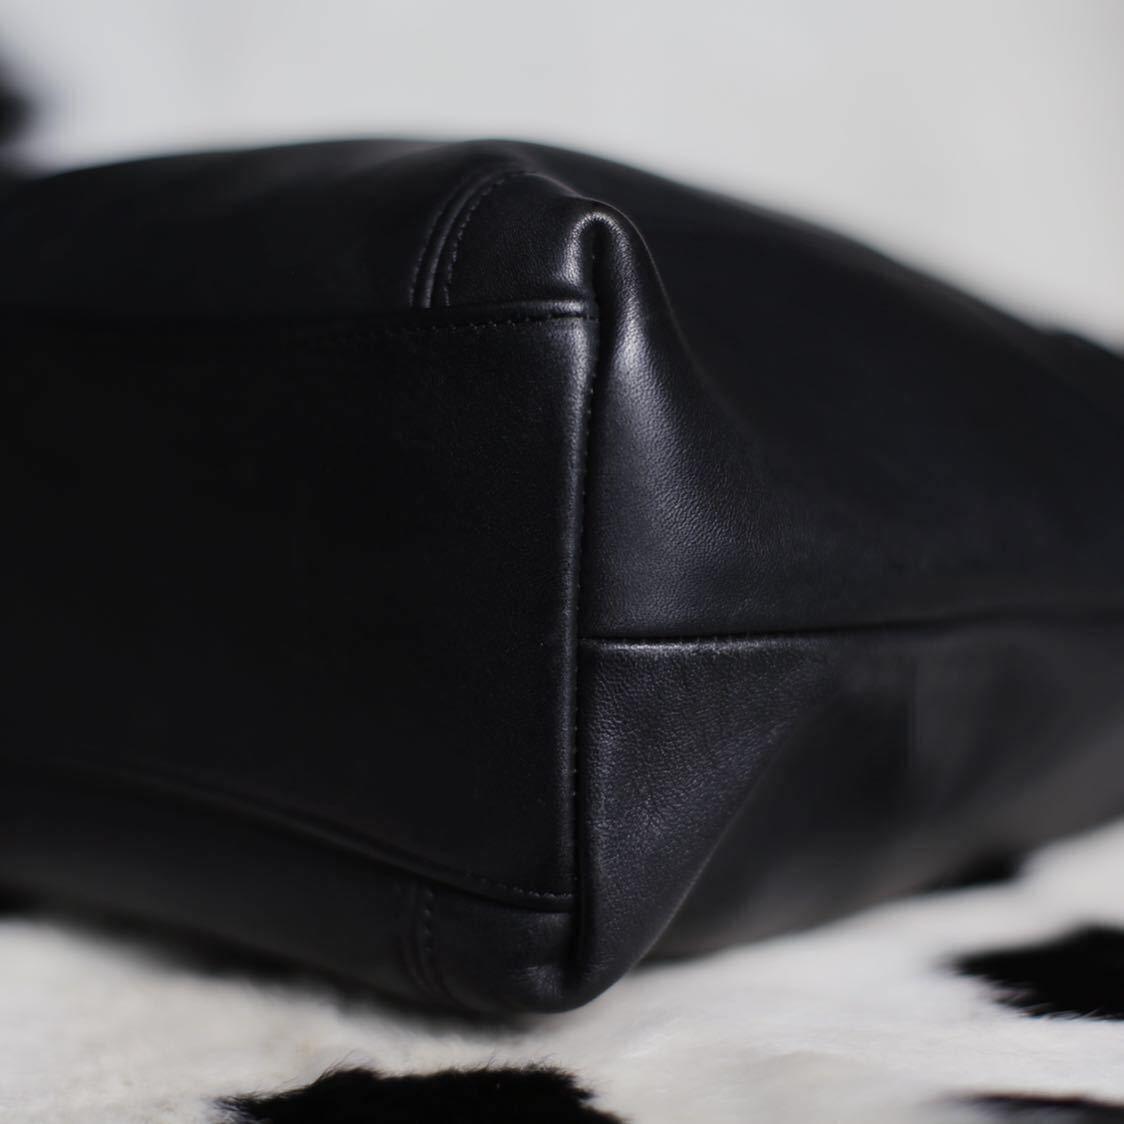 極美品 美品 コーチ COACH トートバッグ バッグ ビジネスバッグ 黒 ブラック レザー メンズバッグ 革 15万 オールドコーチ ビンテージ B5_画像5